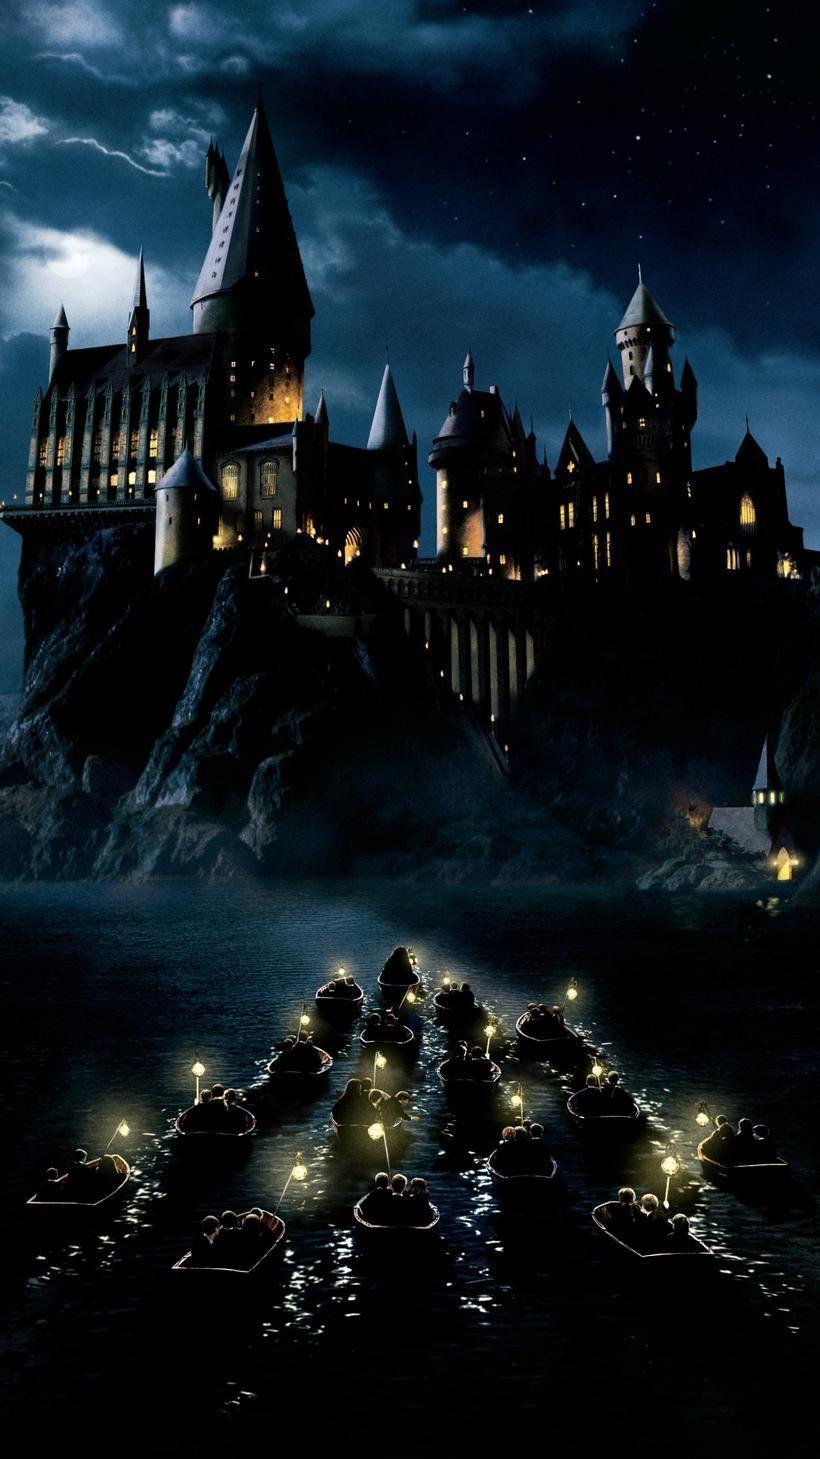 Harry Potter Und Der Stein Der Weisen 2001 Harry Potter Stein Weisen Ha Harry Potter Wallpaper Backgrounds Harry Potter Background Harry Potter Wallpaper